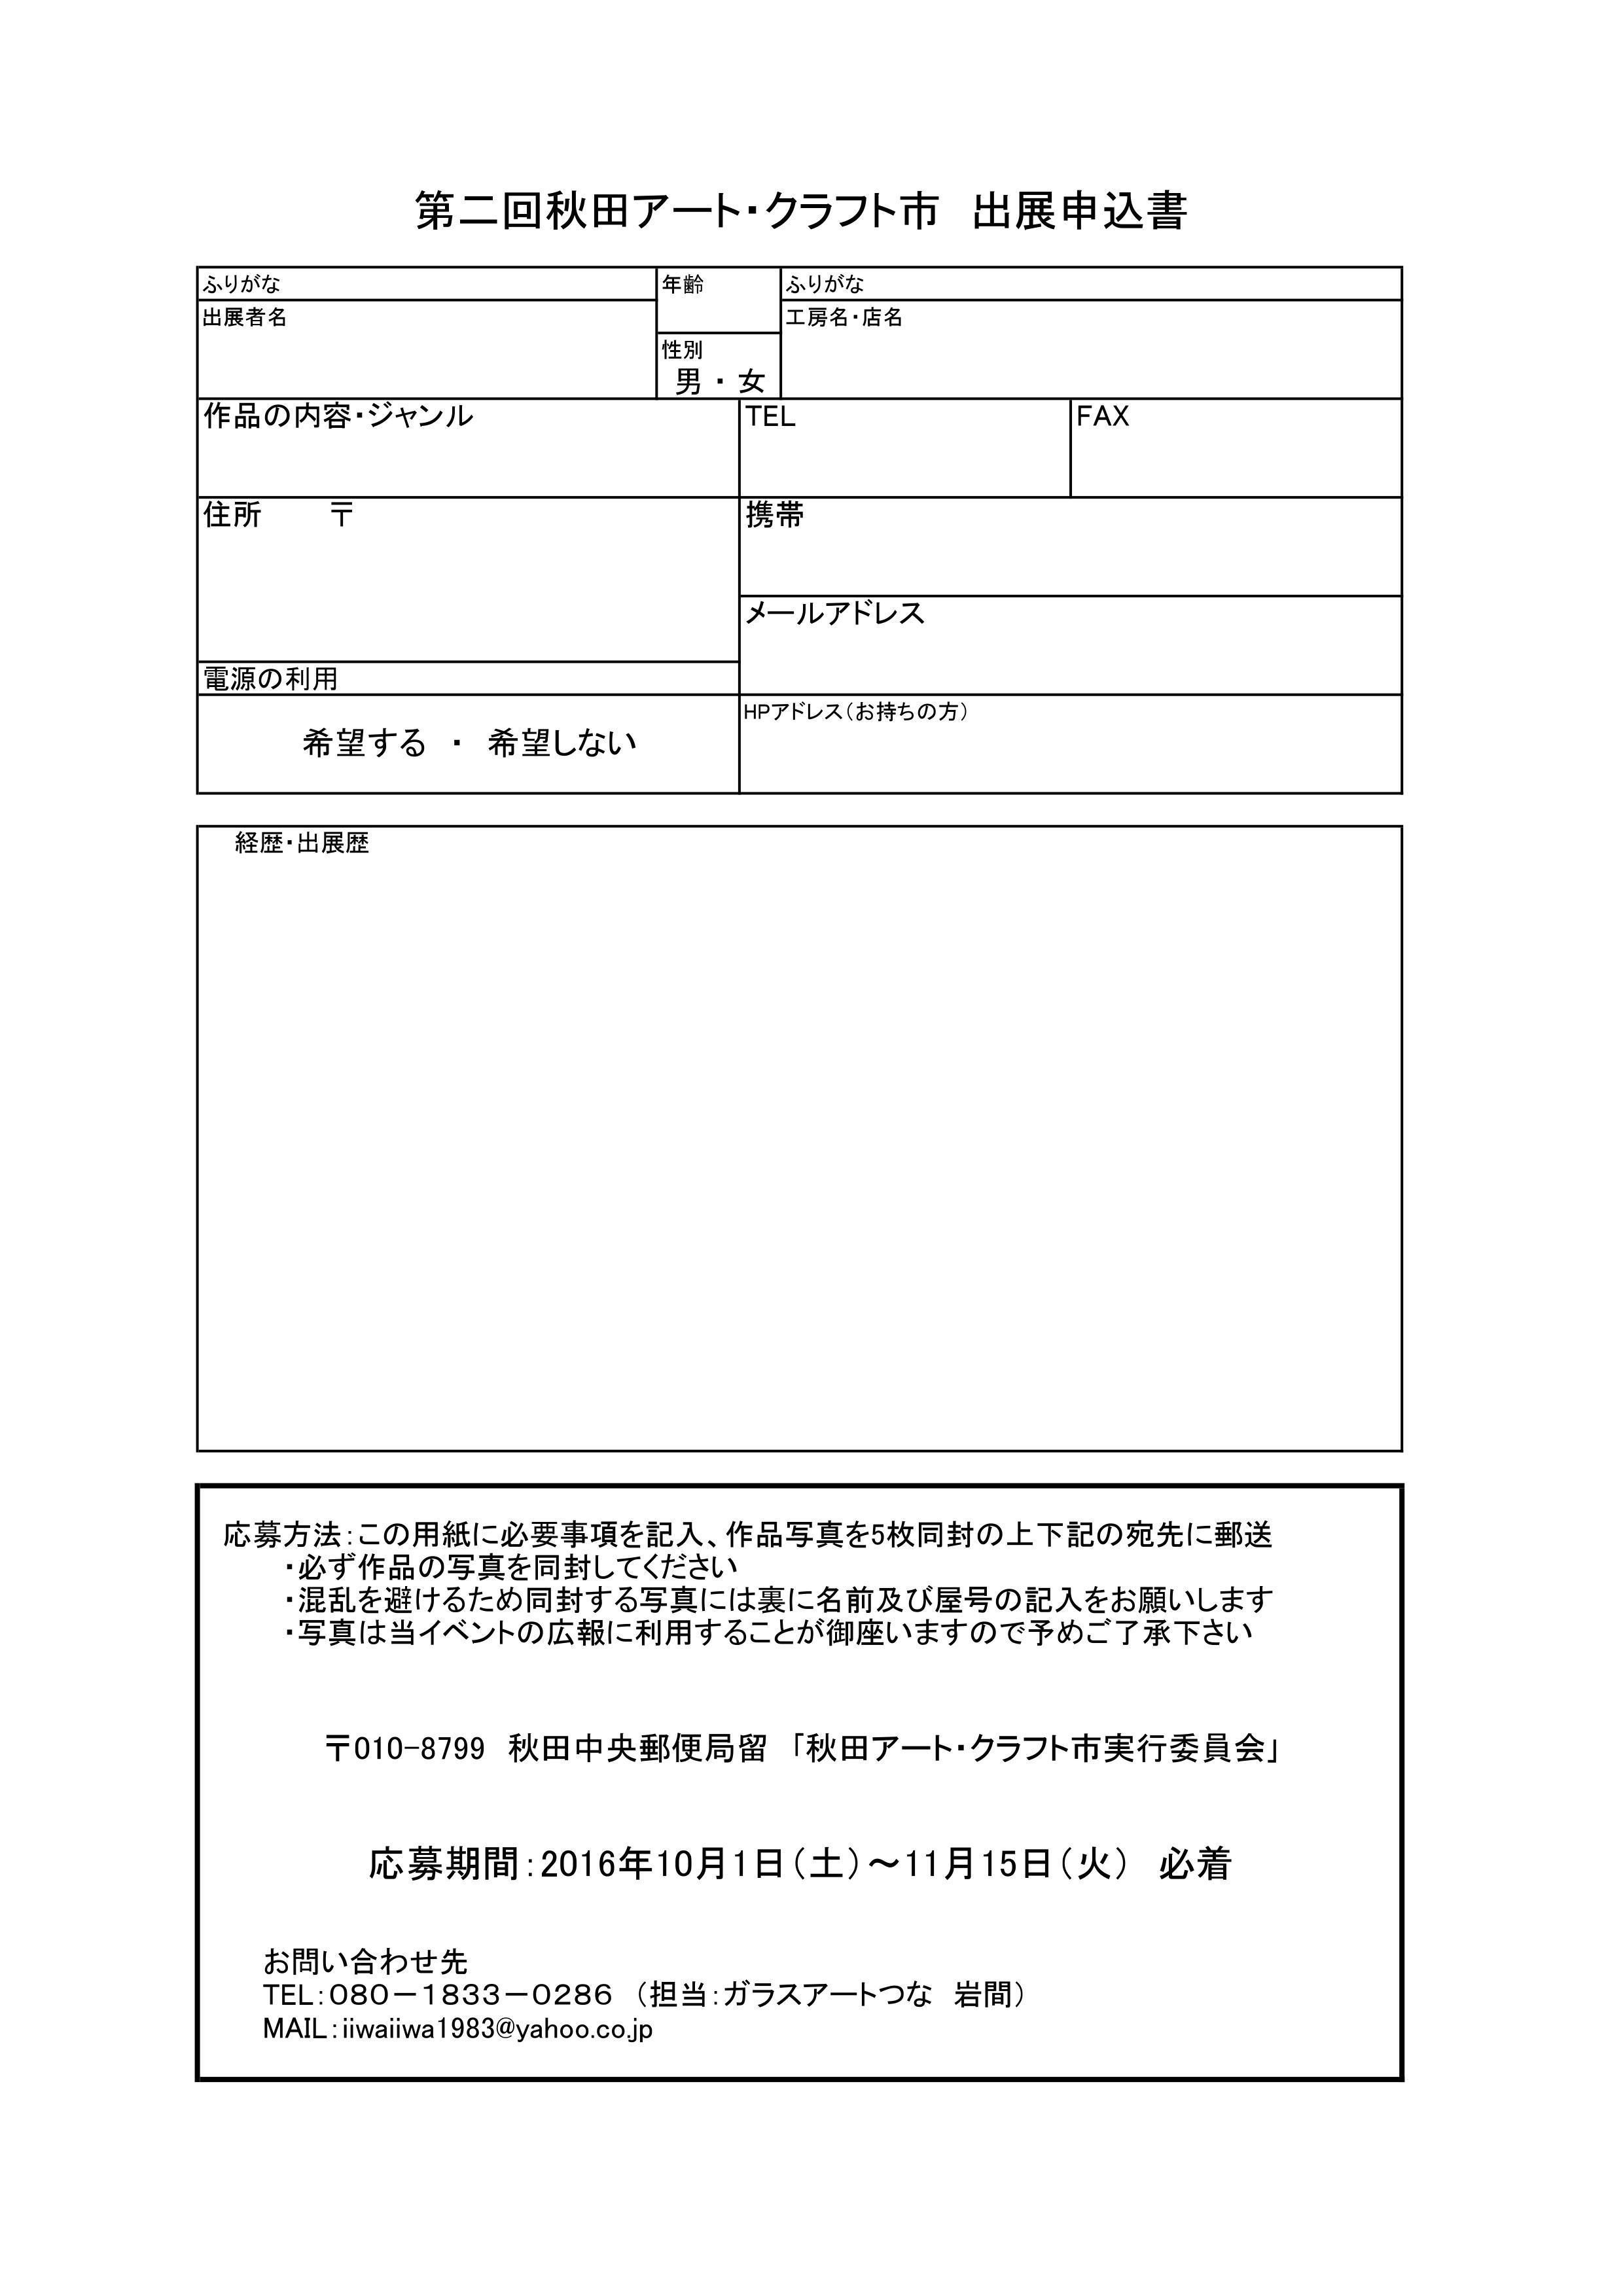 出展申込書